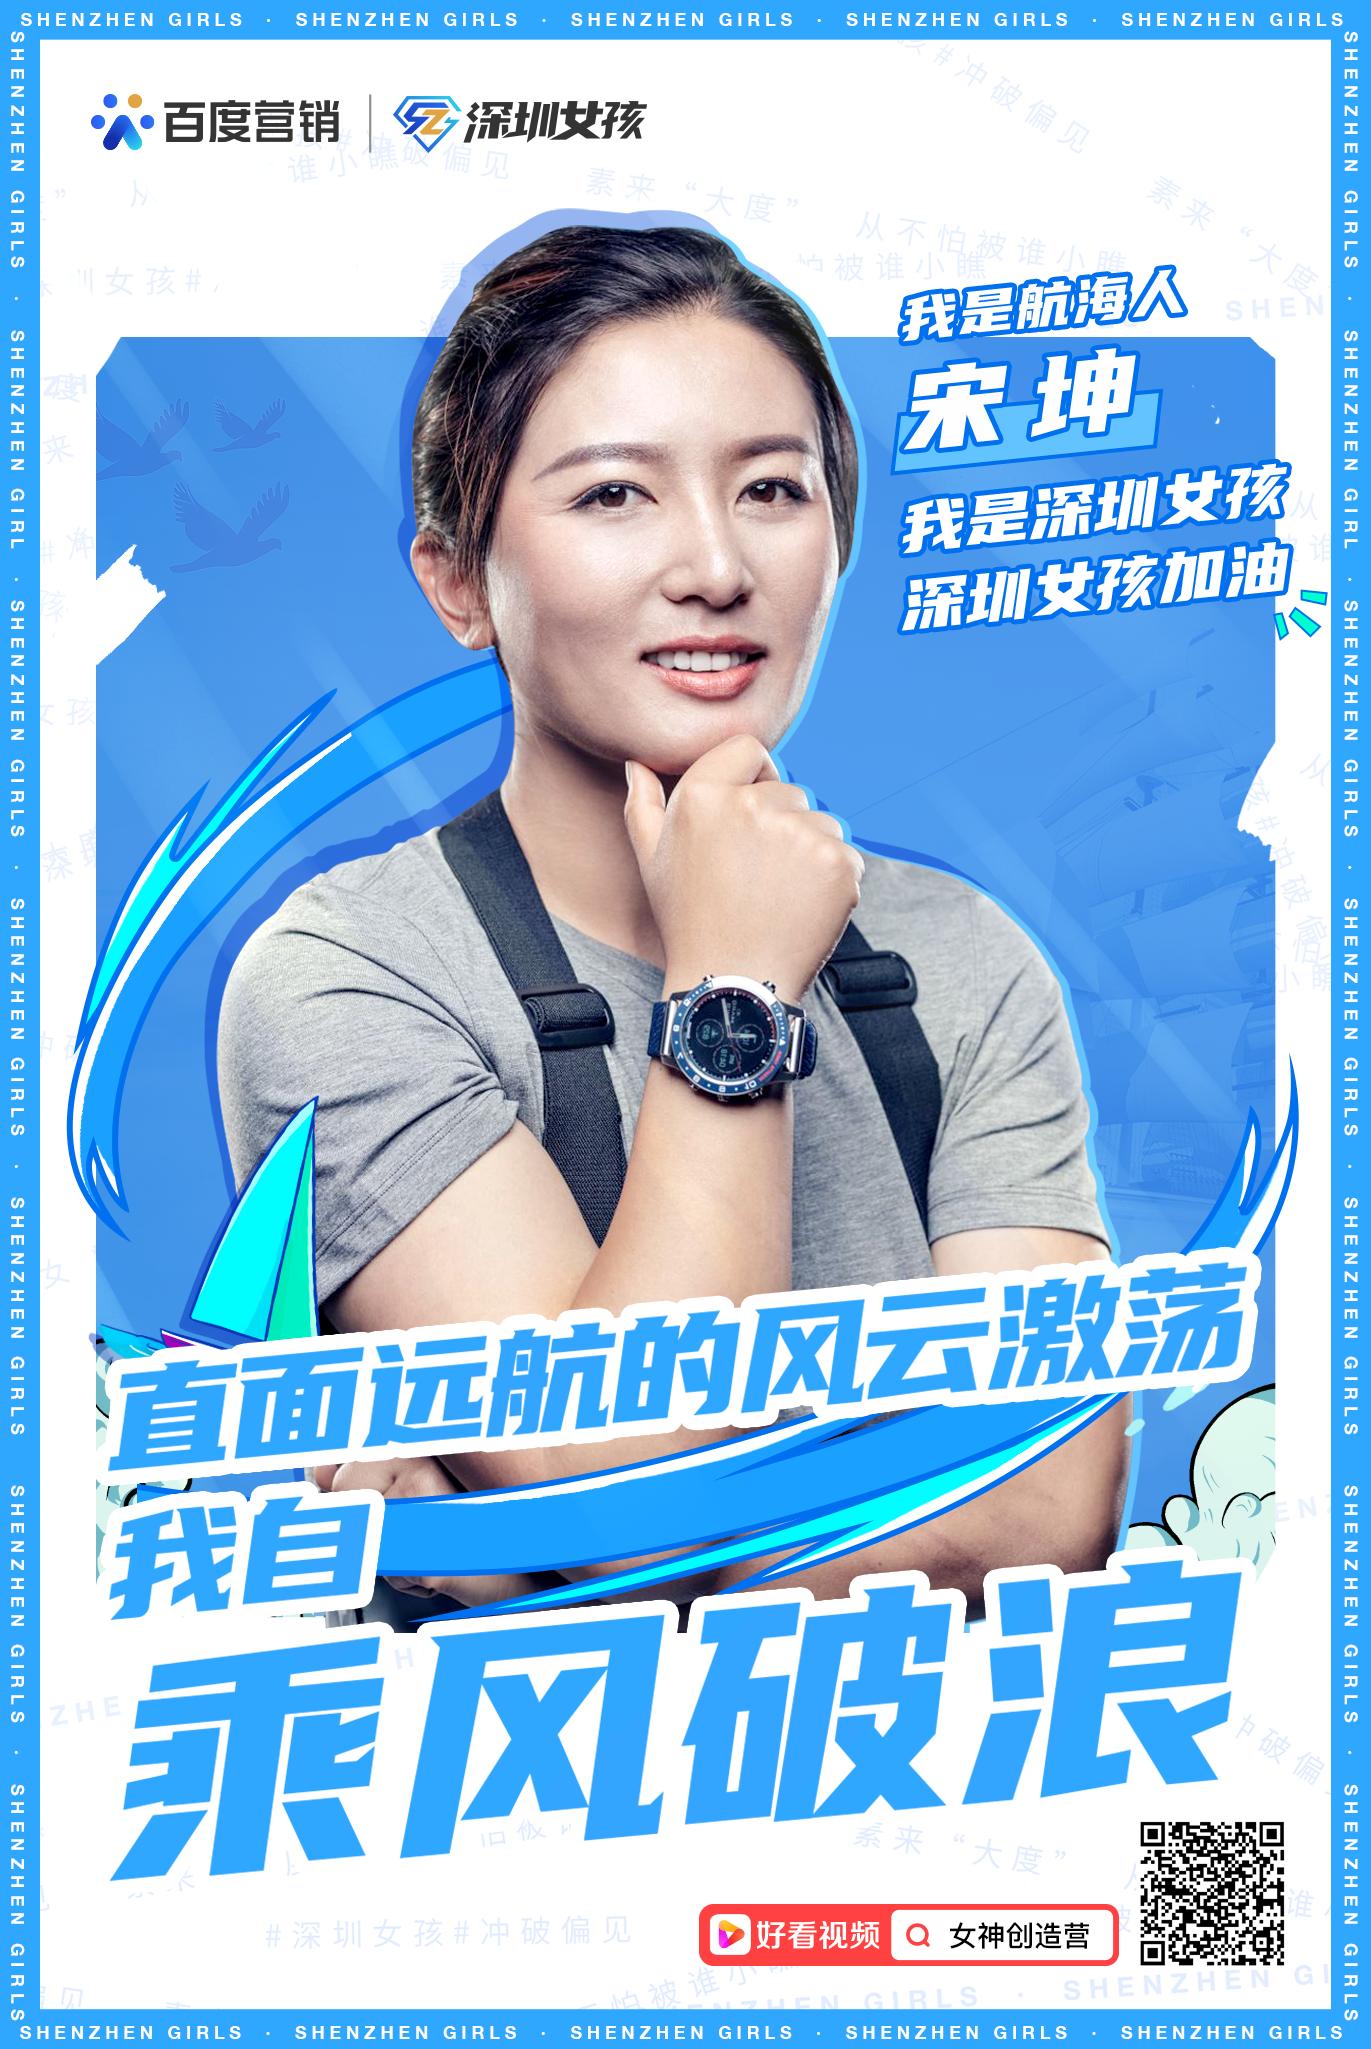 帆船运动员宋坤1.png